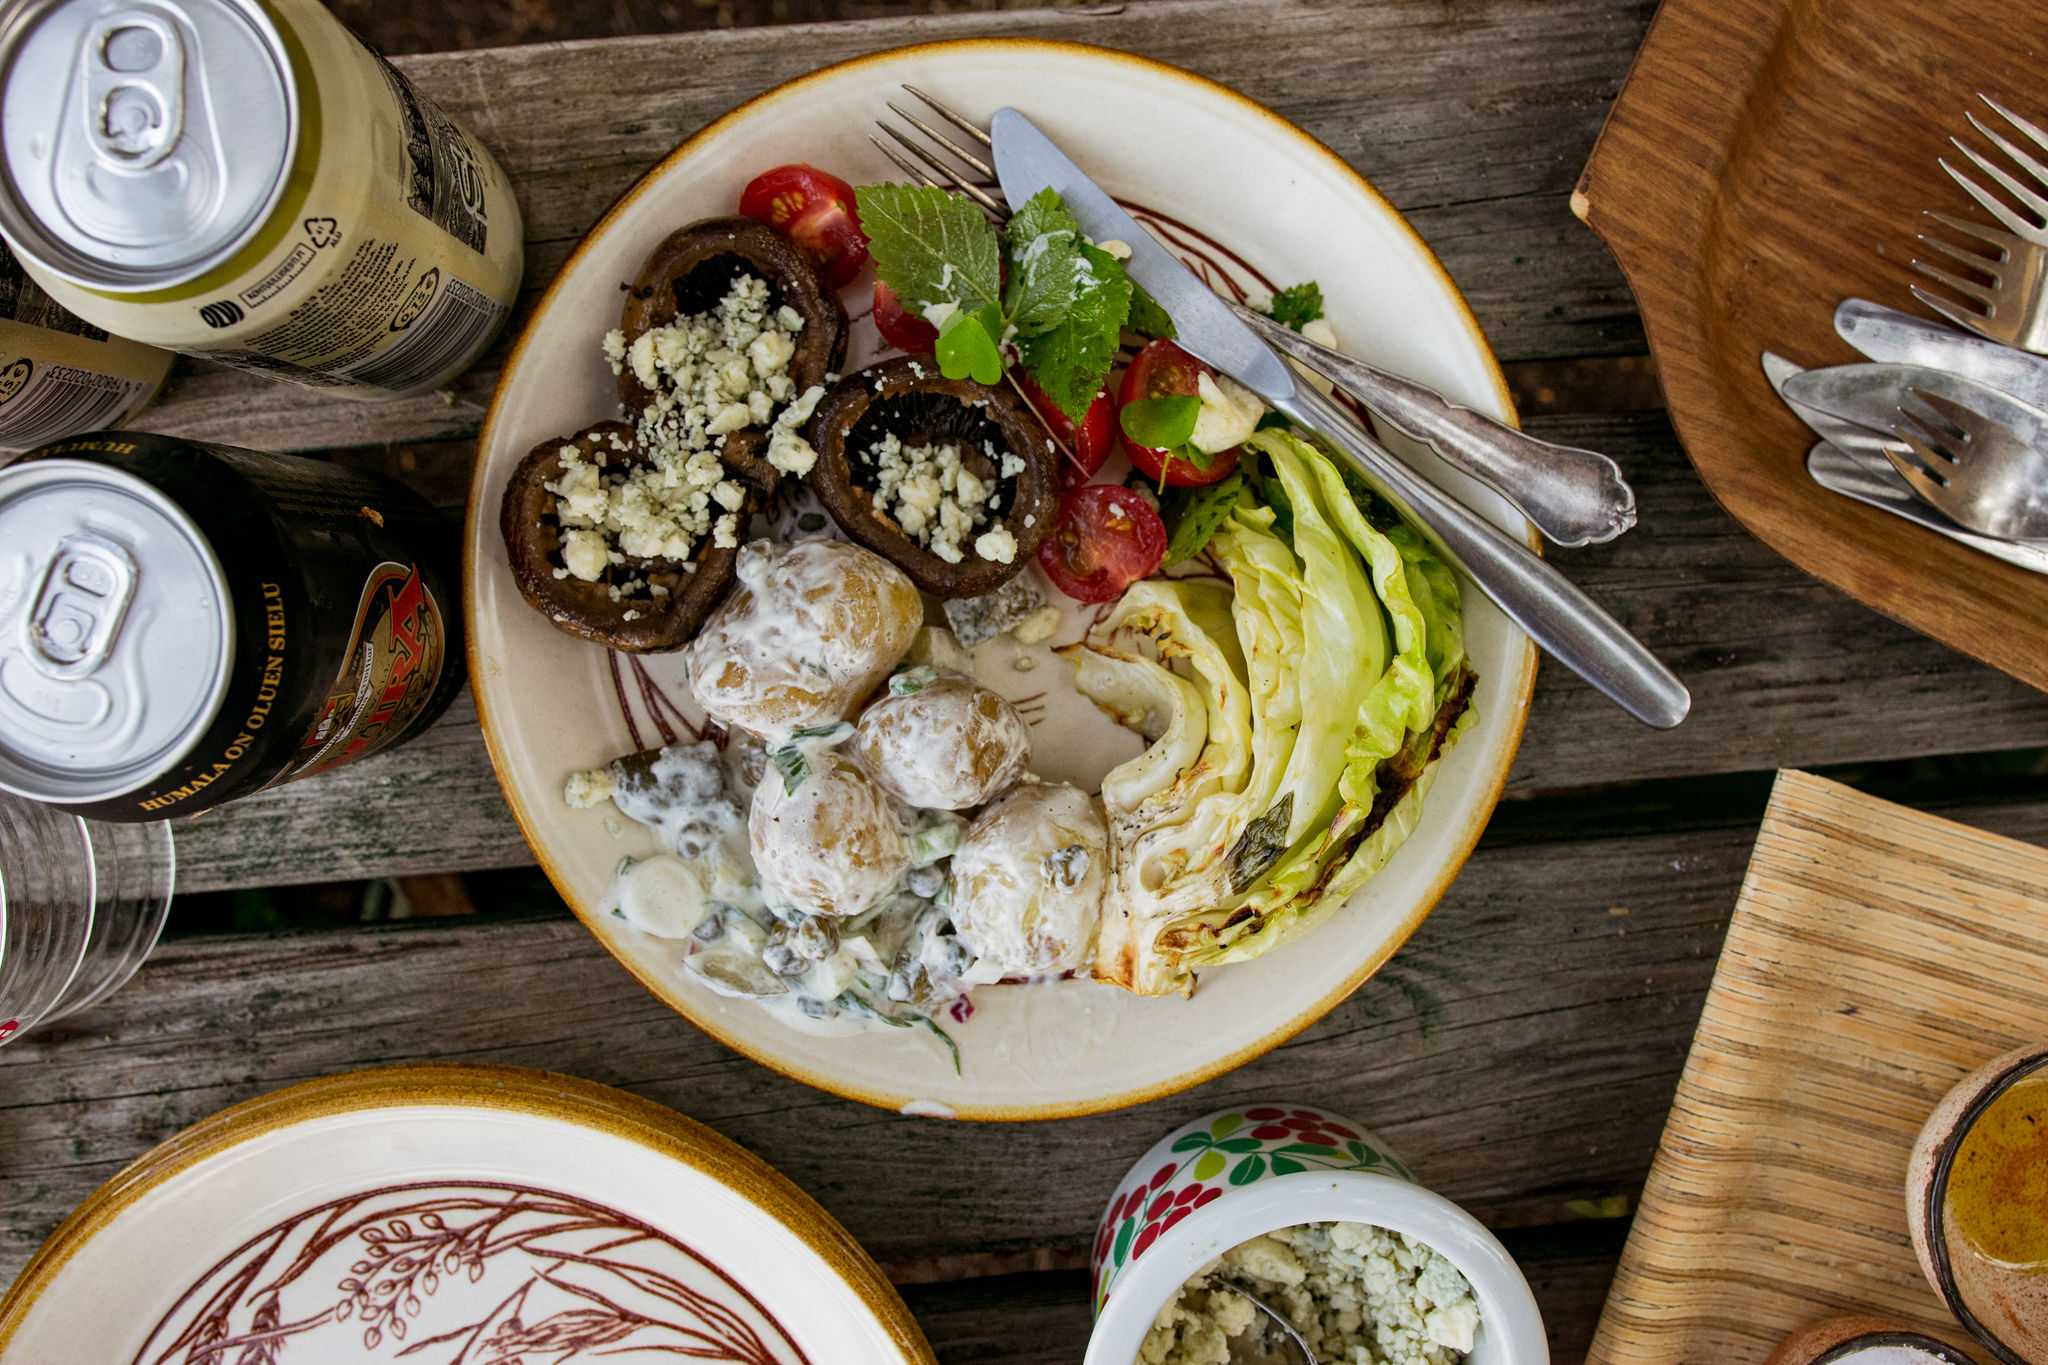 saimaalife grilled mushroom skewers, cabbage and potato salad